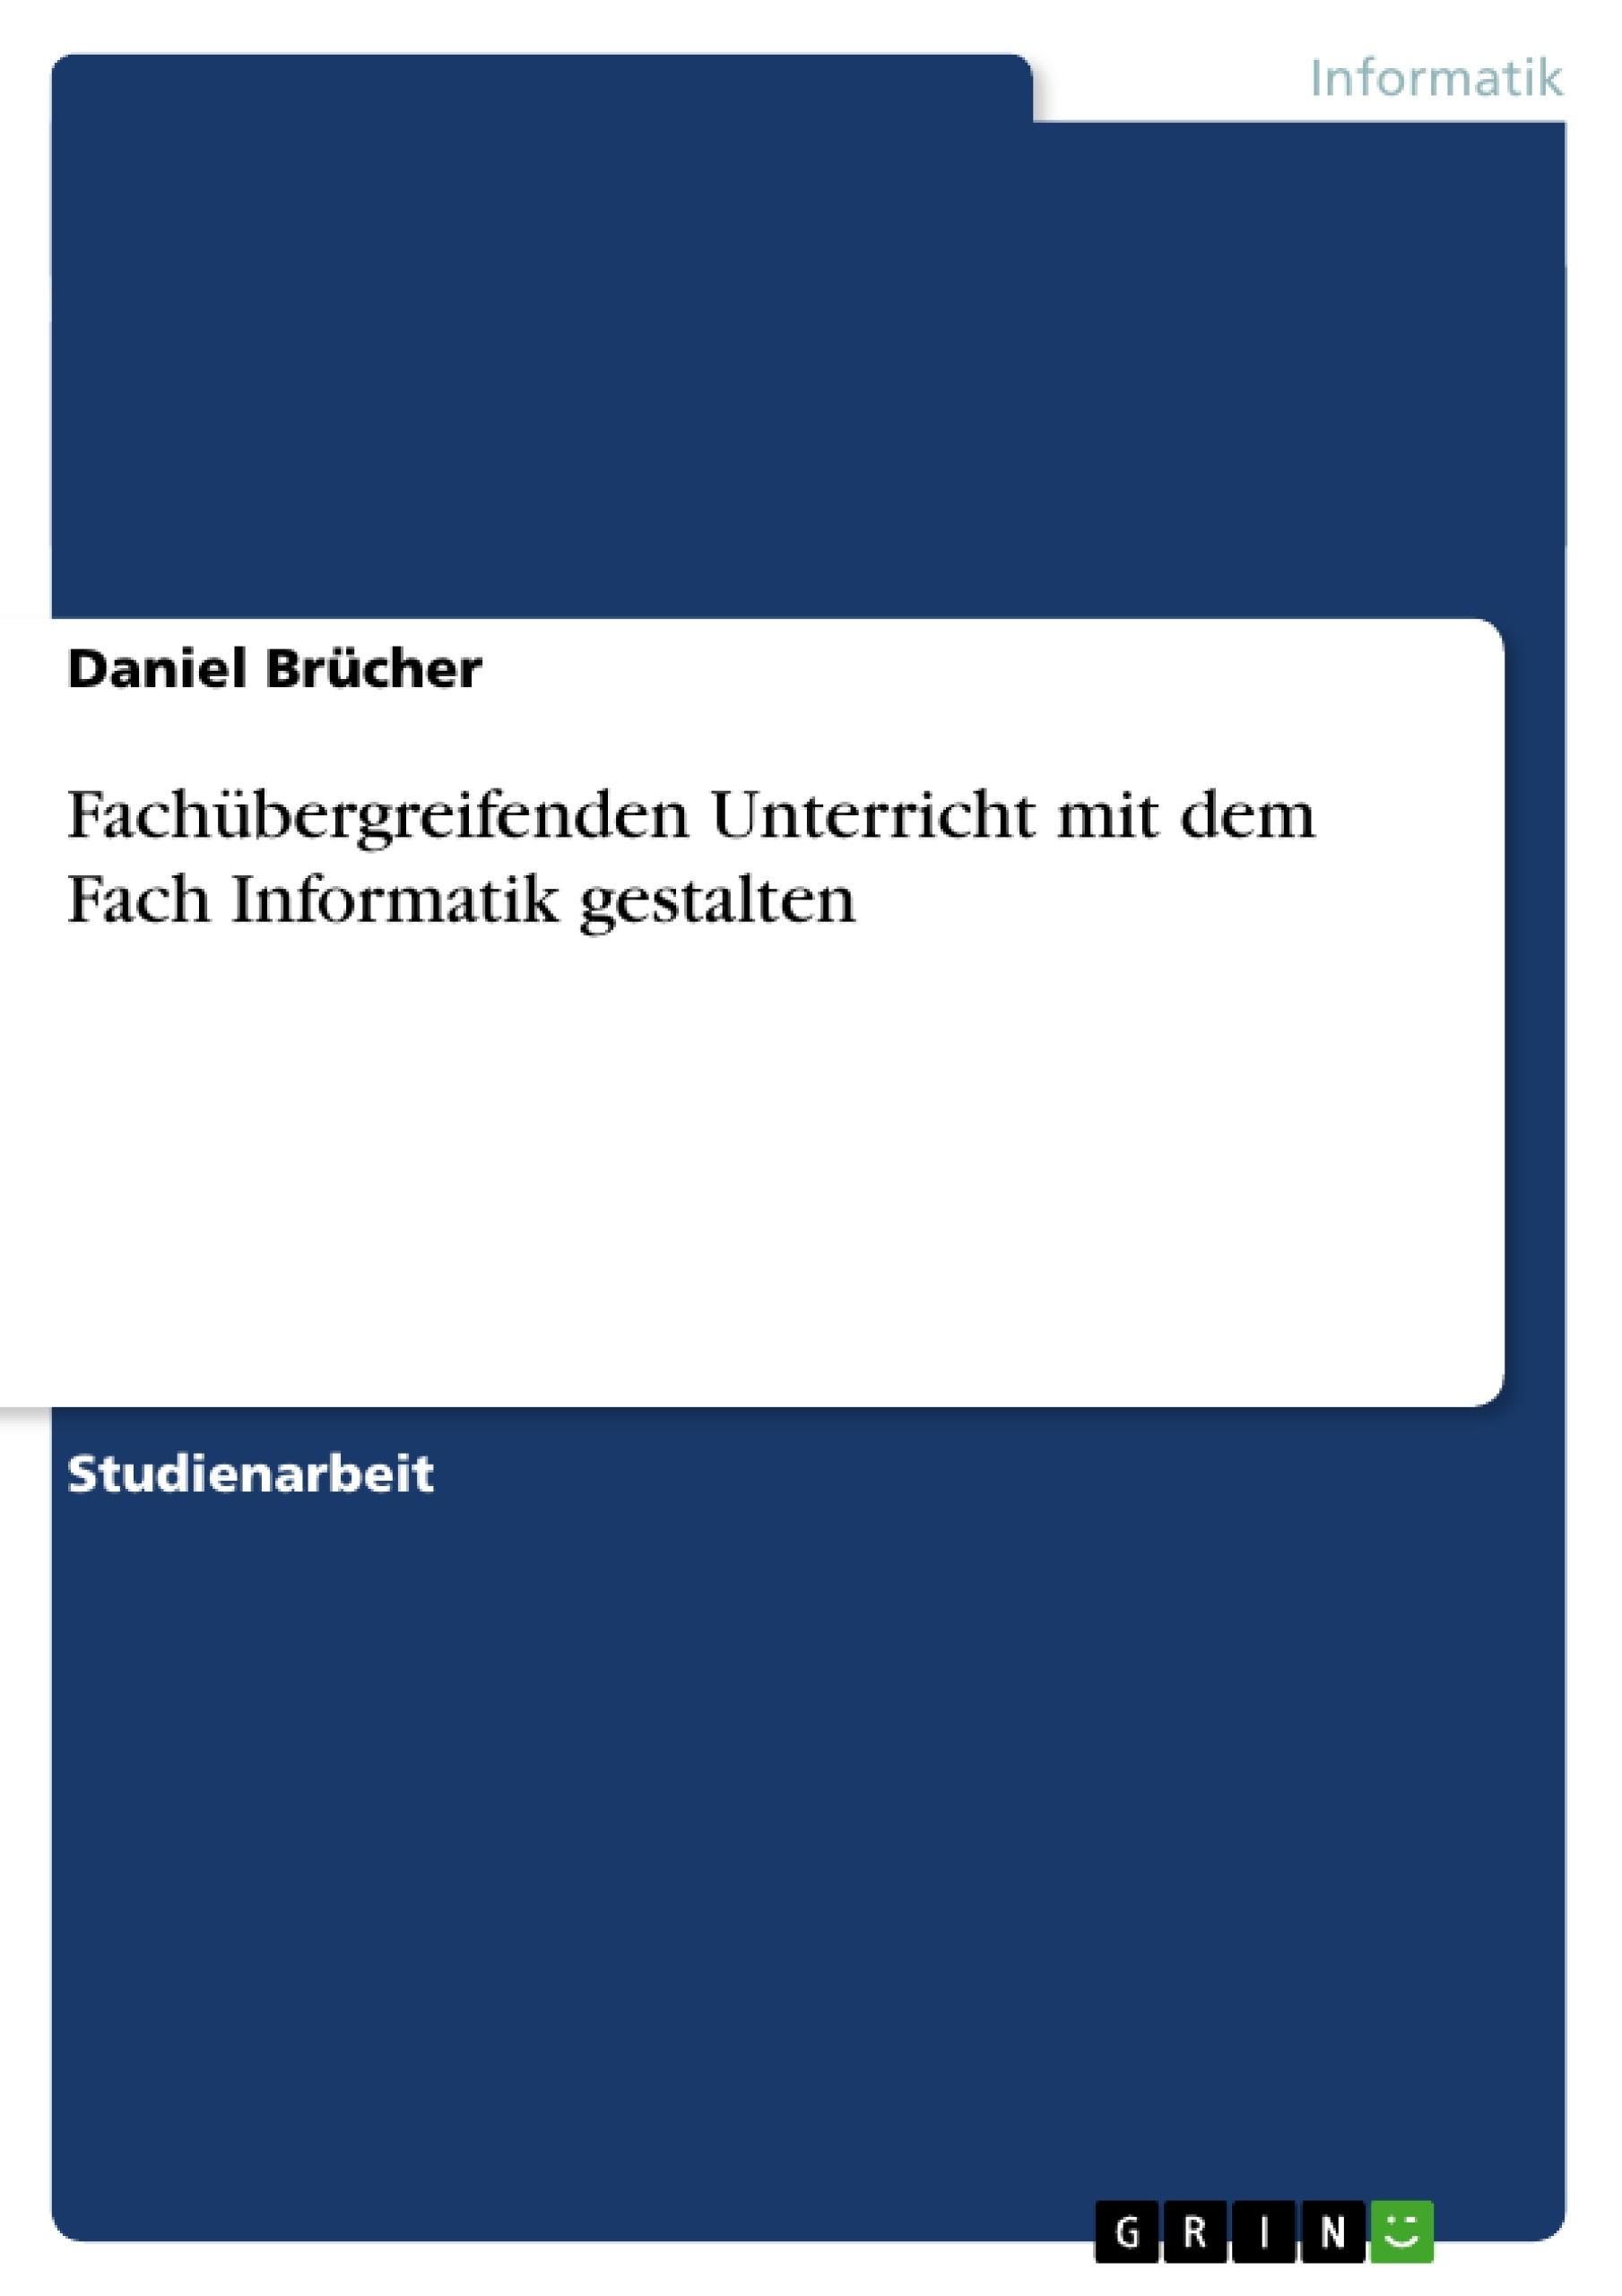 Titel: Fachübergreifenden Unterricht mit dem Fach Informatik gestalten